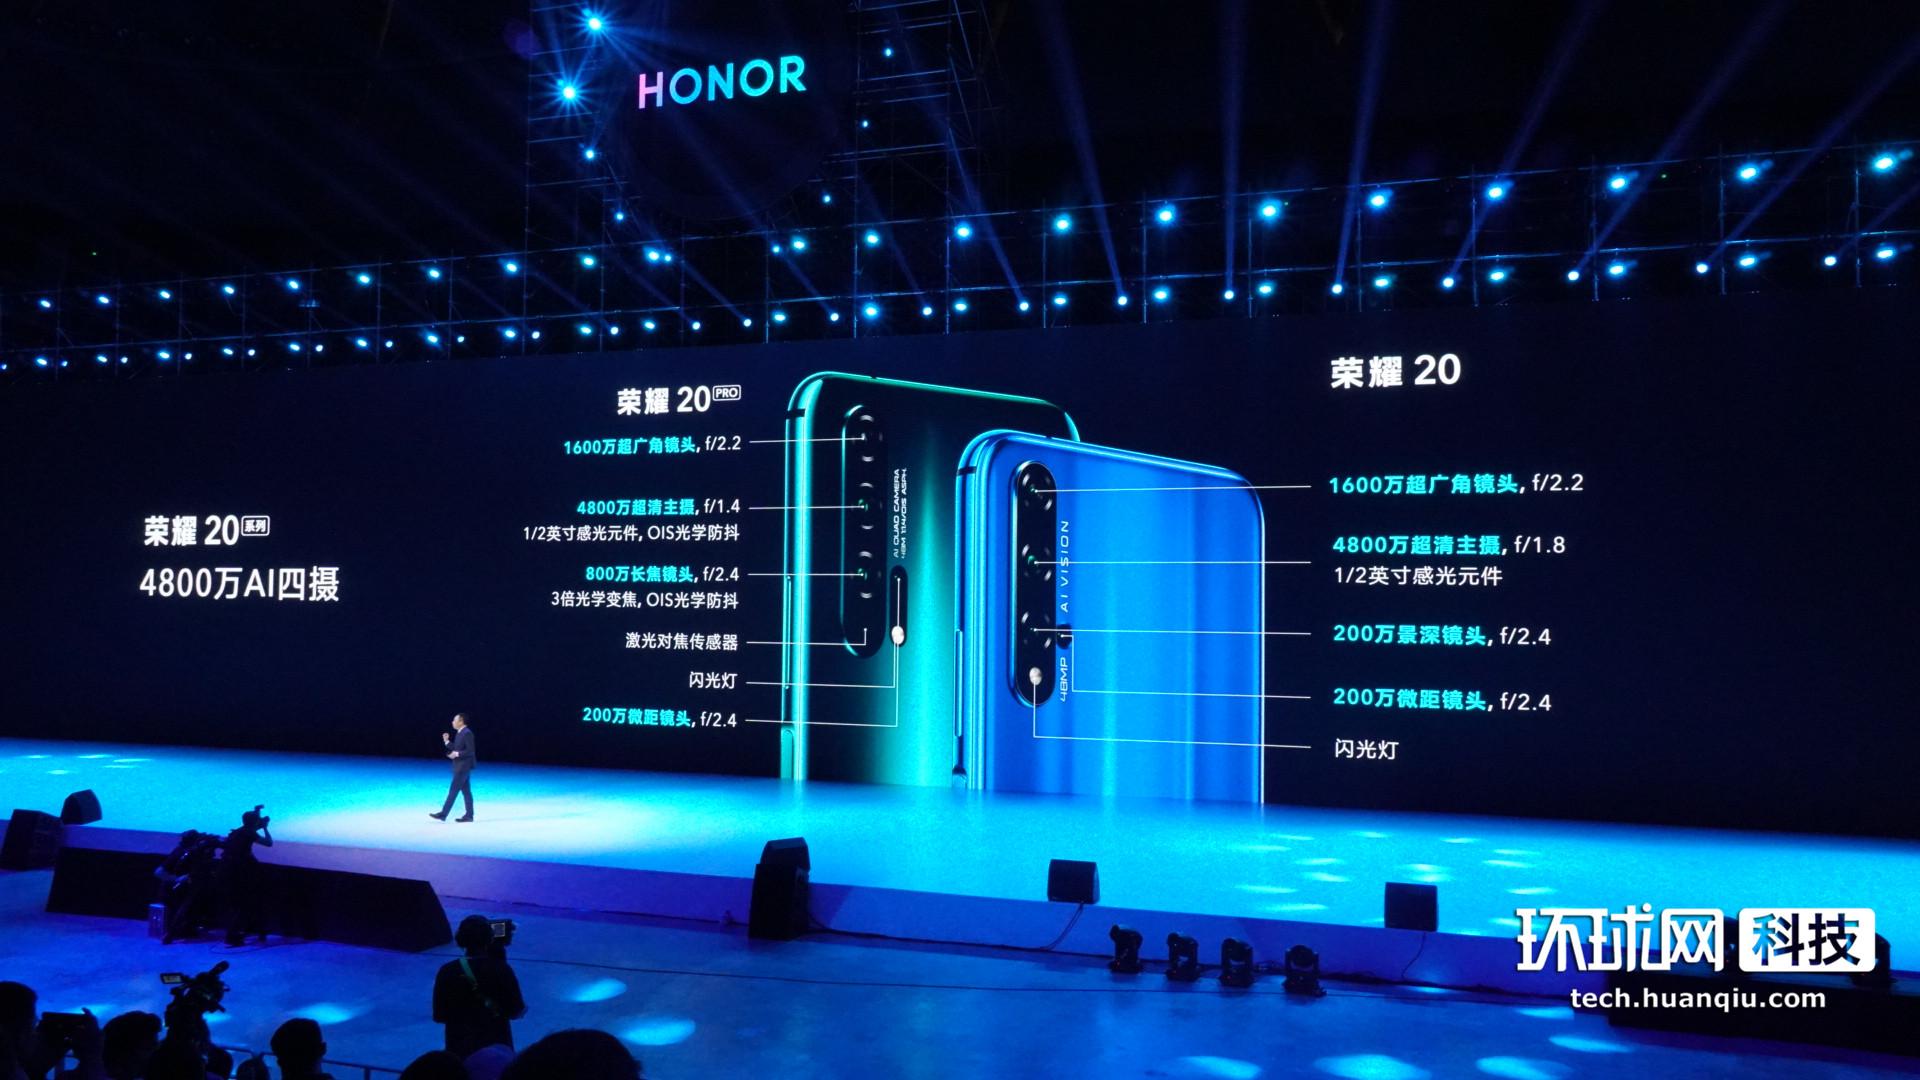 荣耀20系列国内发布,超级蓝牙极限连接244米